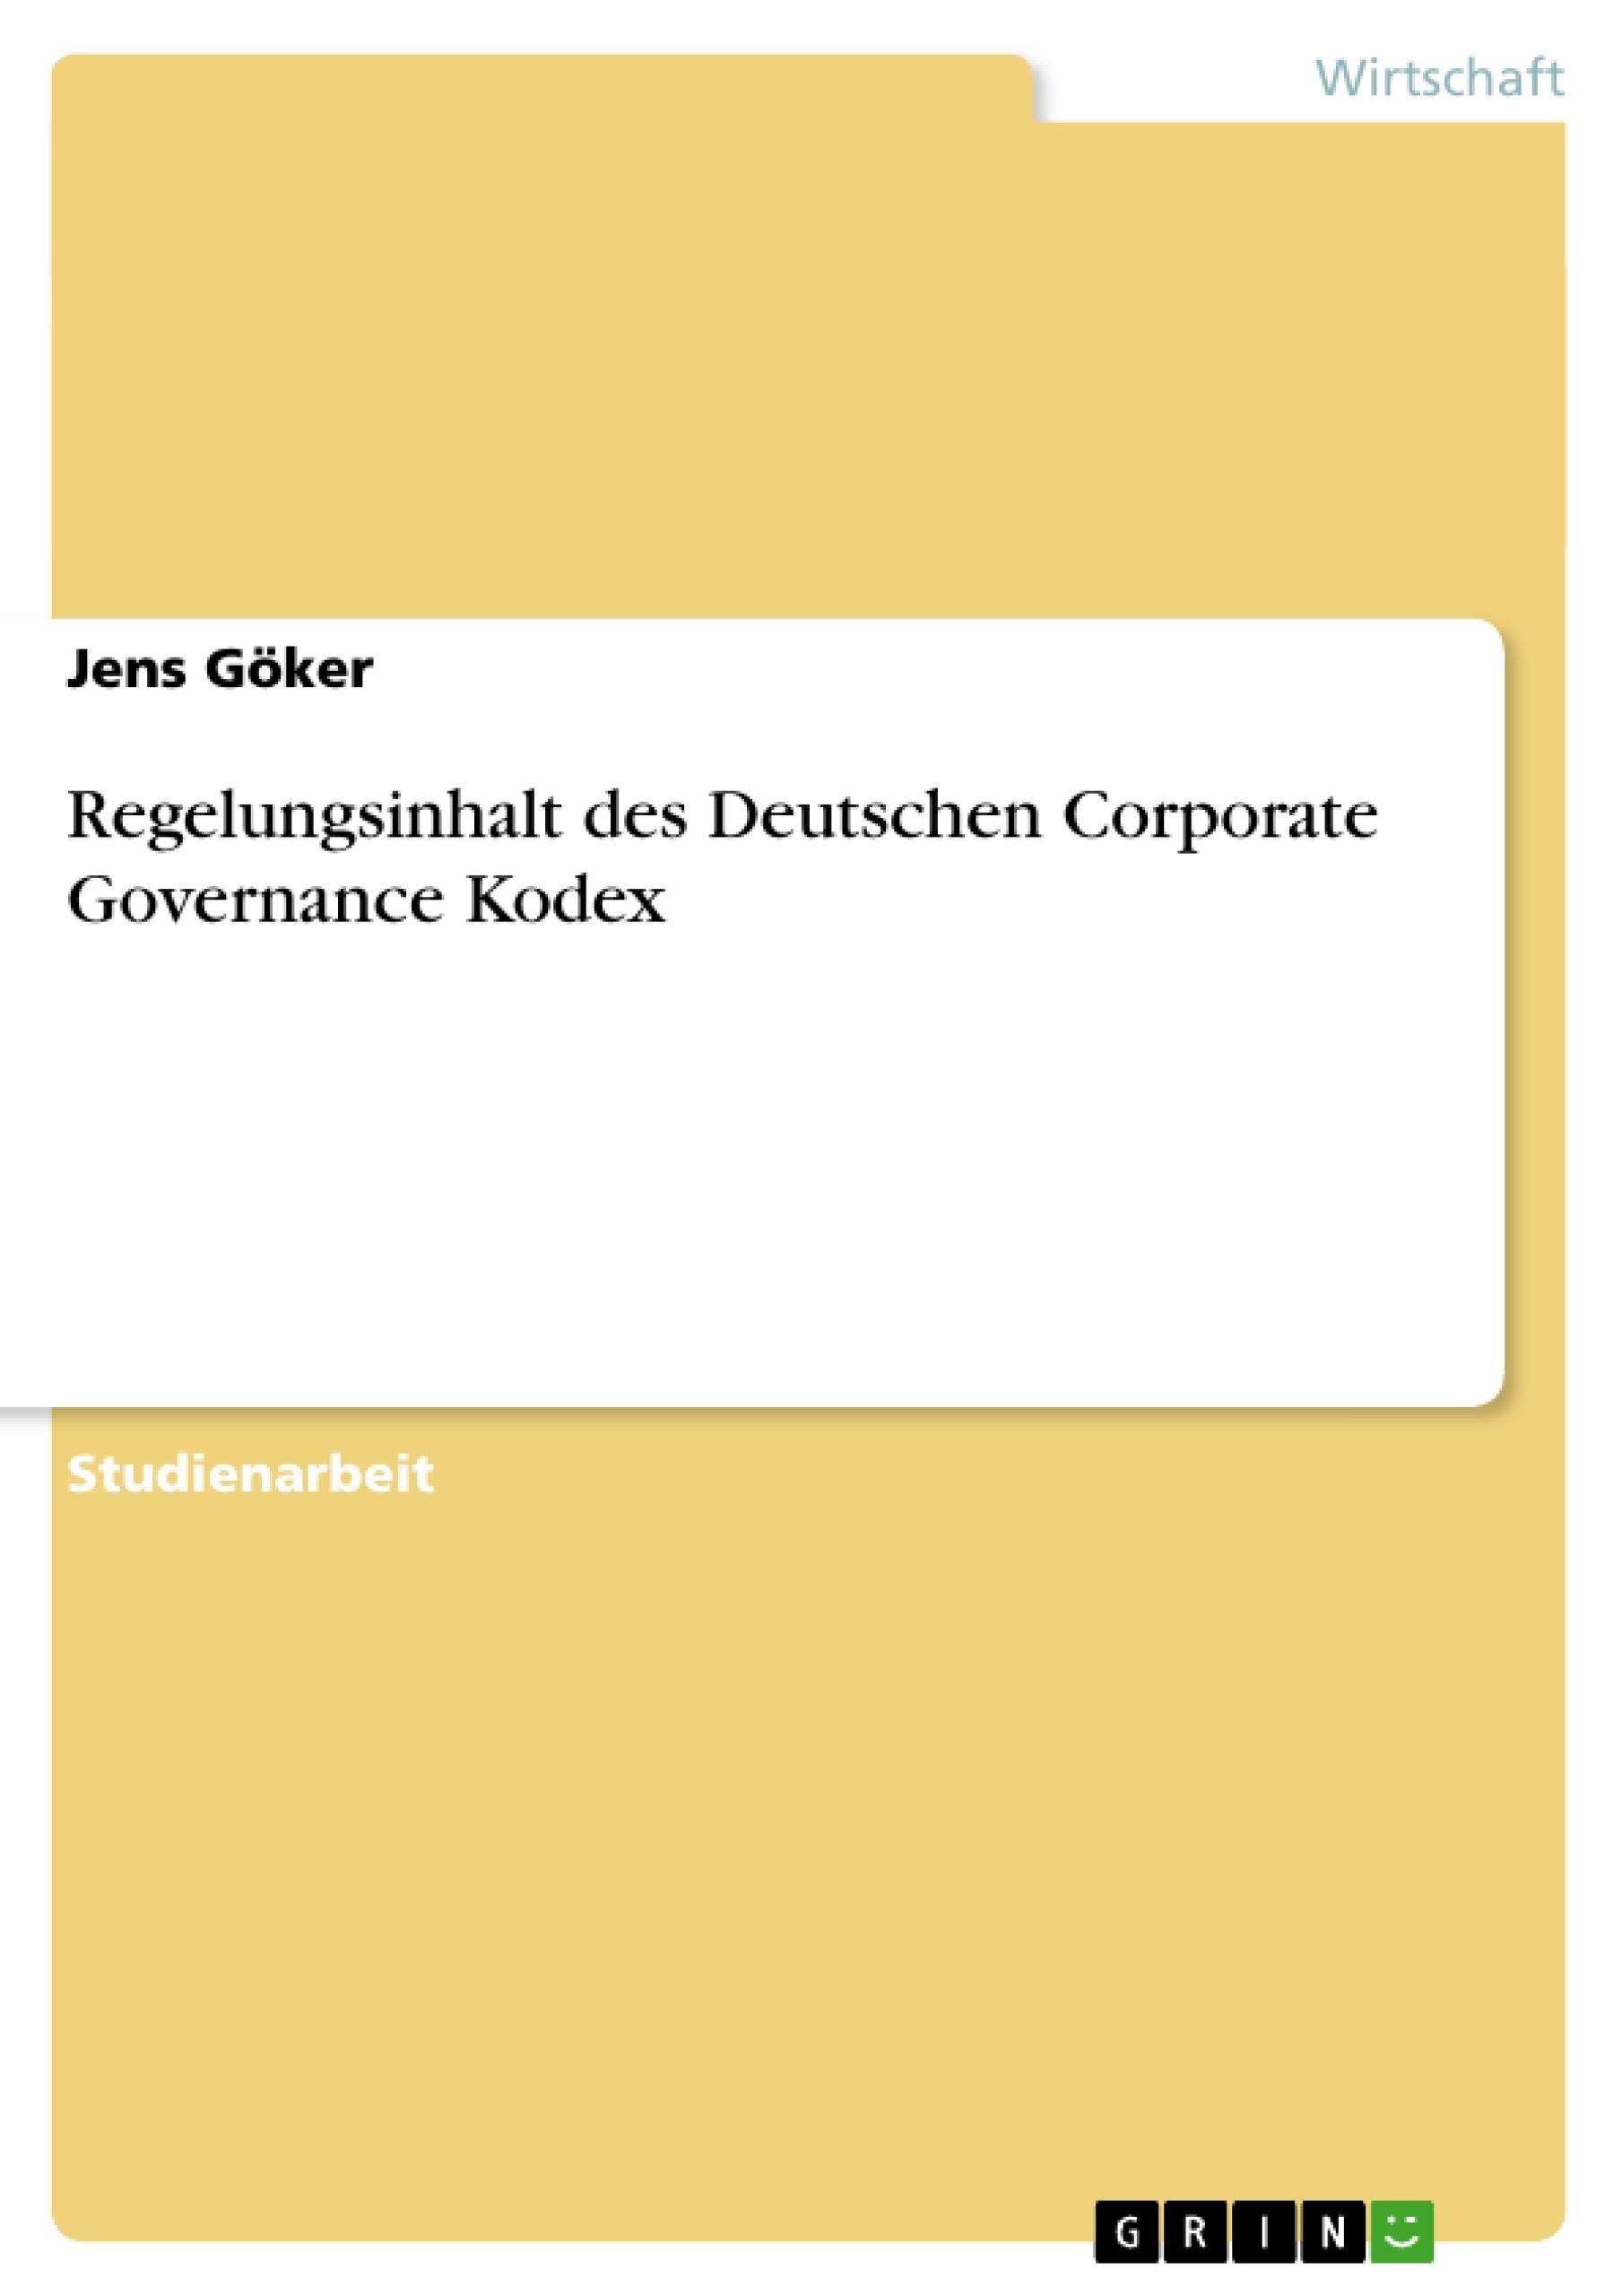 Titel: Regelungsinhalt des Deutschen Corporate Governance Kodex